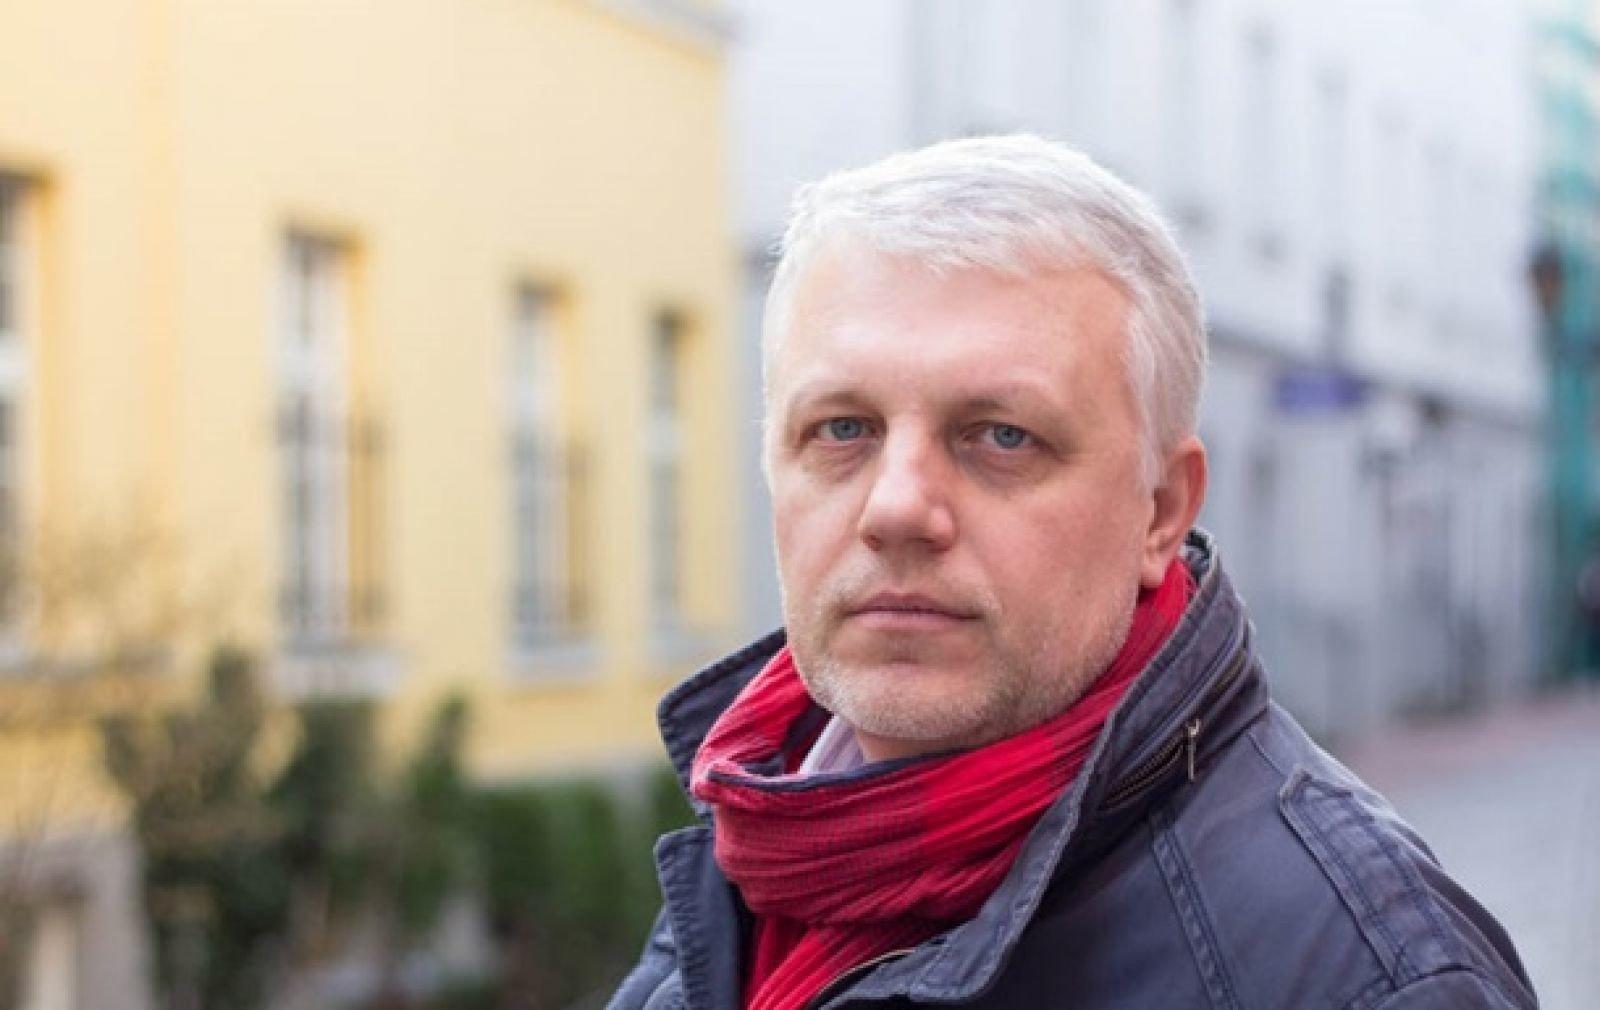 Опубликована запись обсуждения в белорусском КГБ убийства Шеремета